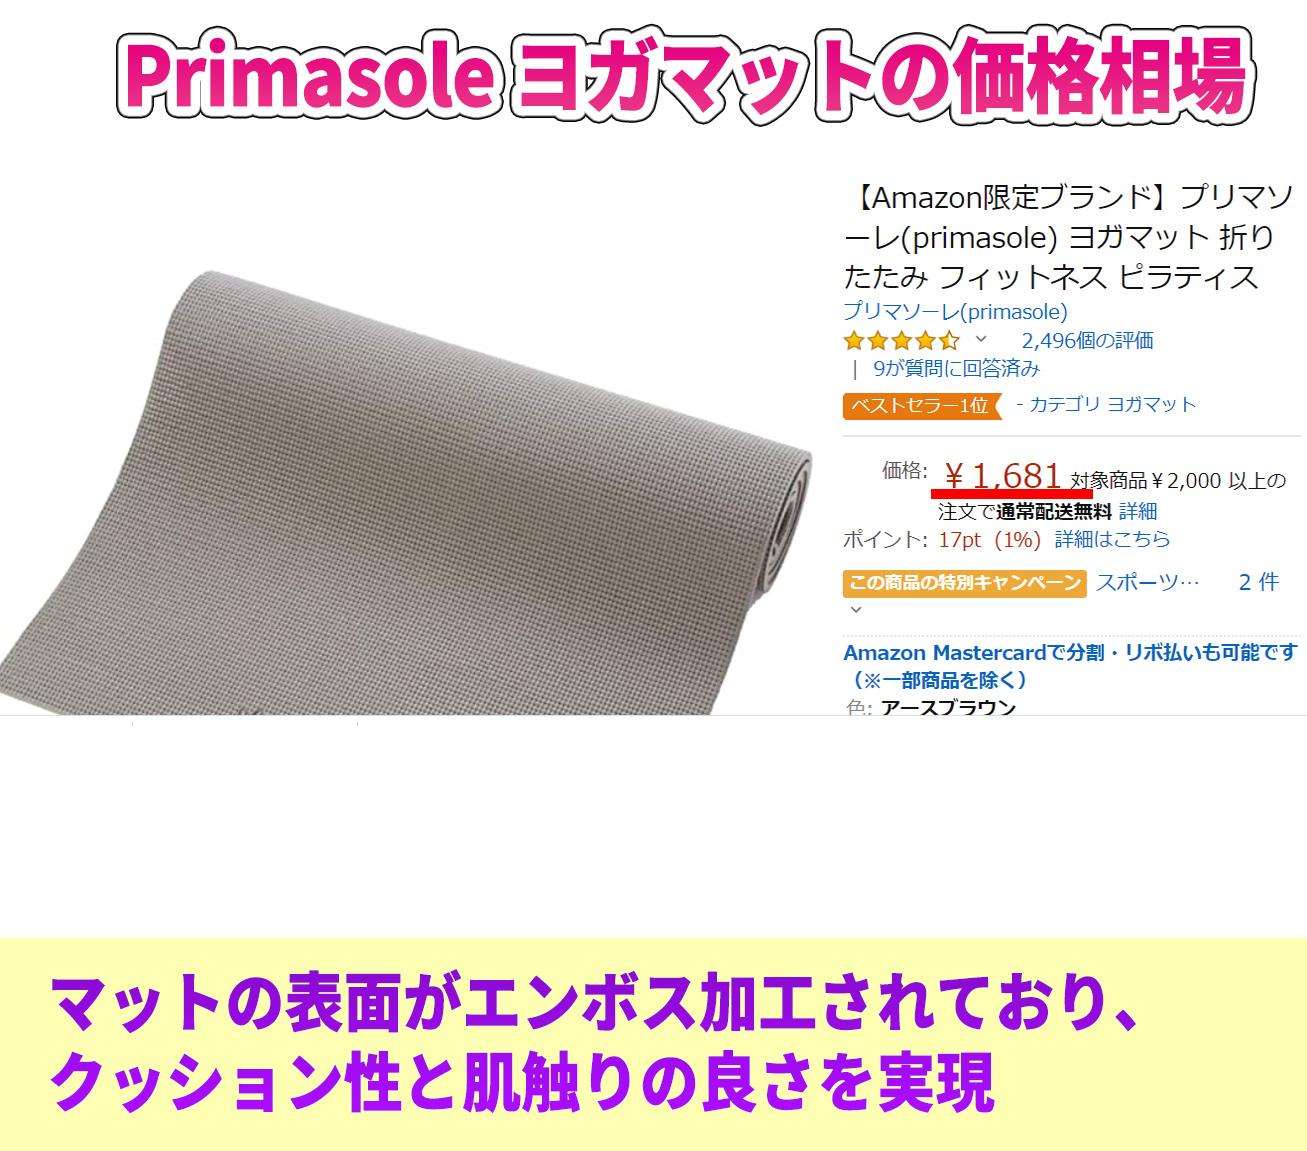 Primasole ヨガマット